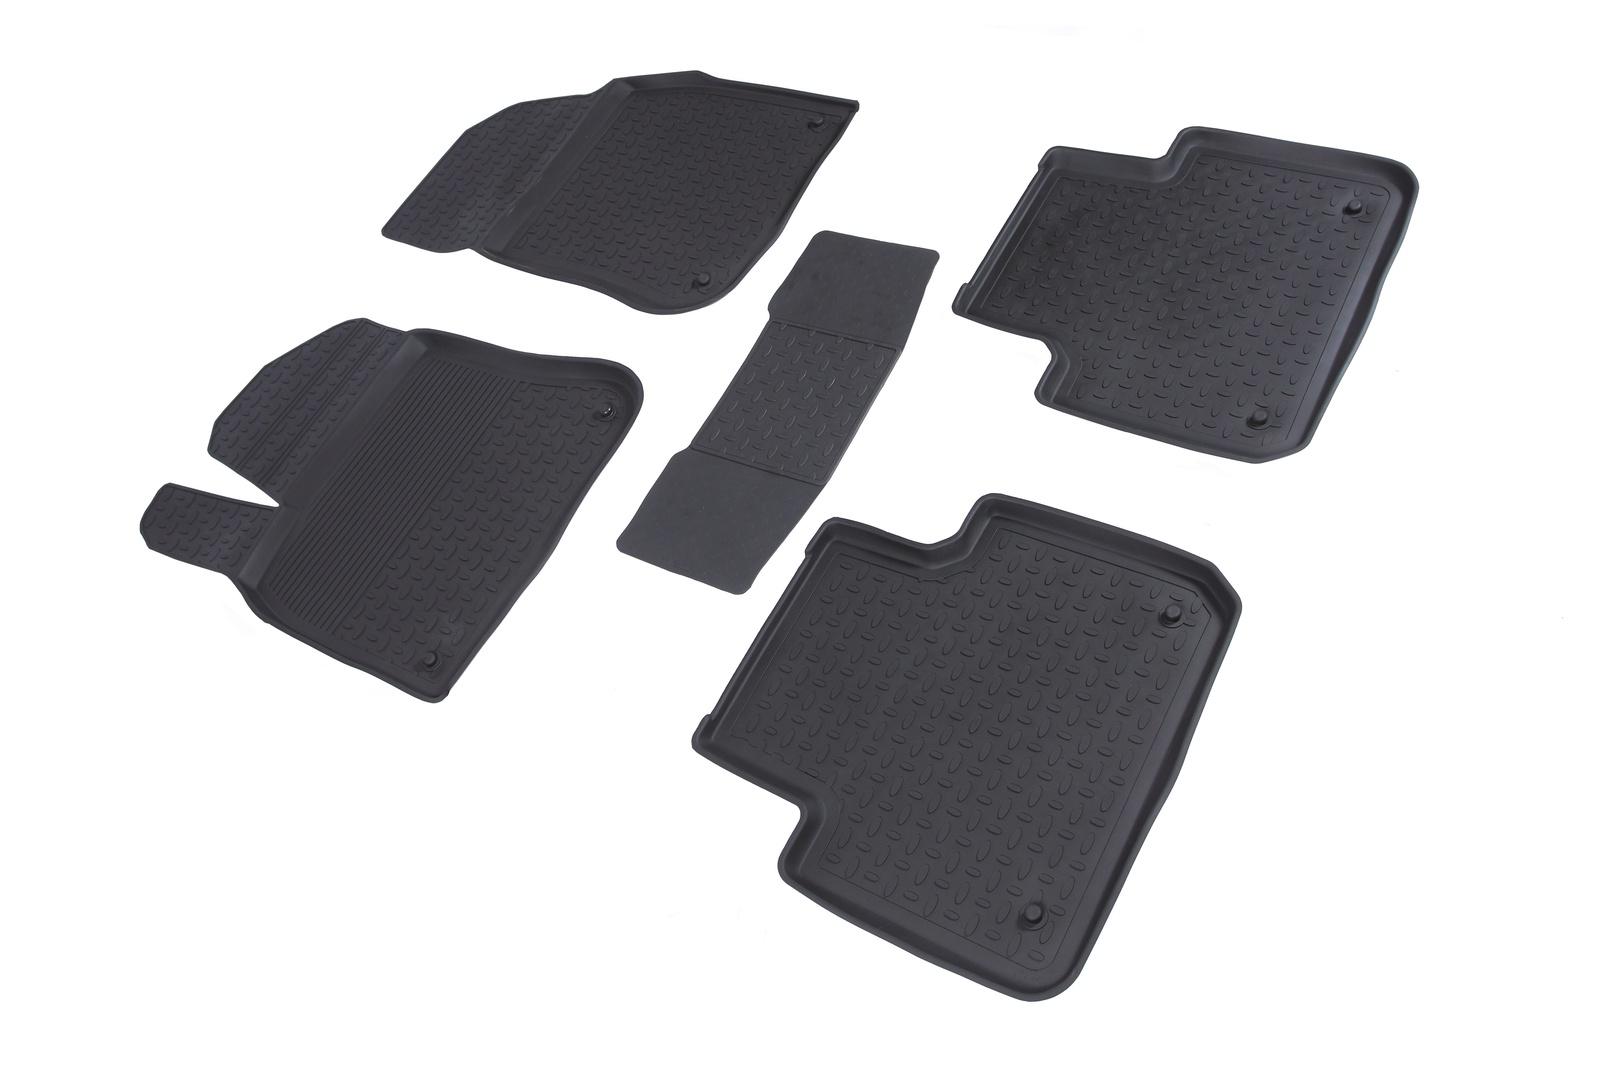 цена на Коврики в салон автомобиля Seintex Резиновые коврики с высоким бортом для Hyundai i30 new 2012-н.в.